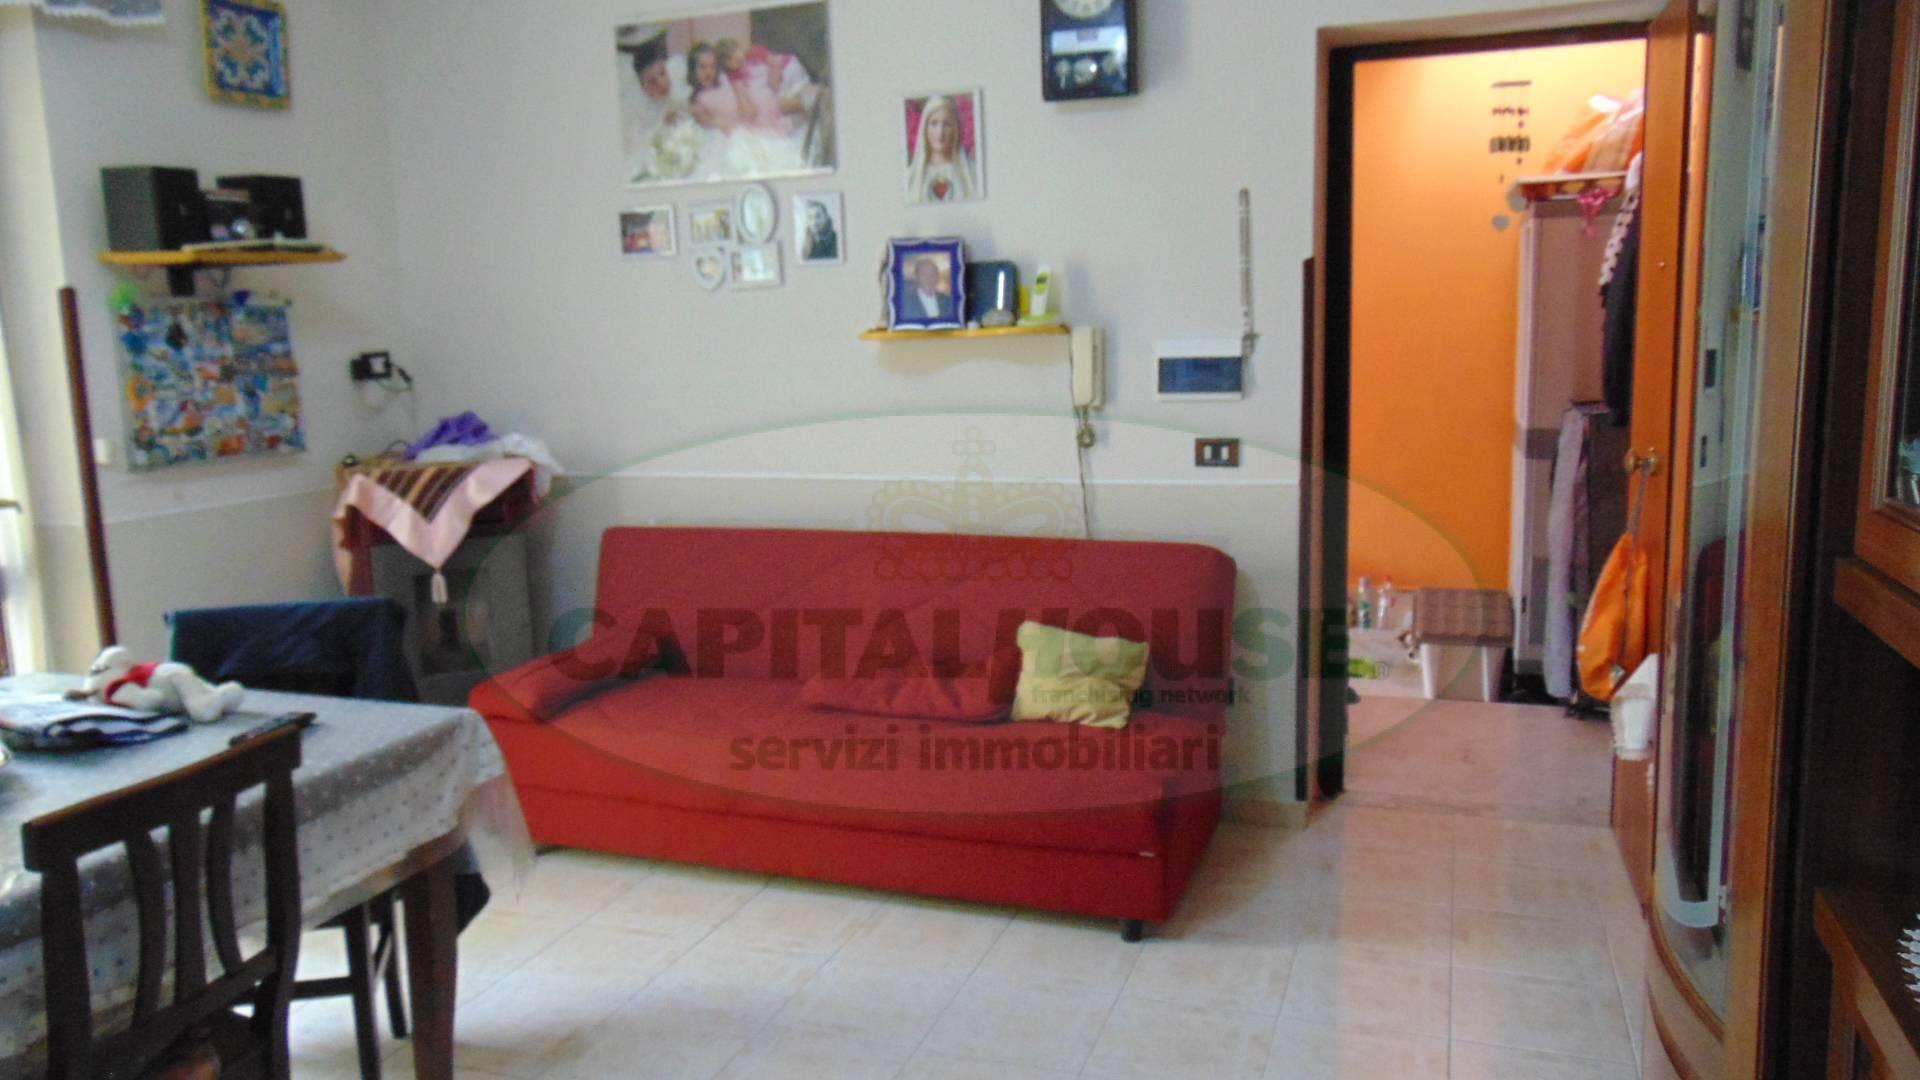 Appartamento in vendita a Mugnano del Cardinale, 3 locali, prezzo € 78.000 | CambioCasa.it